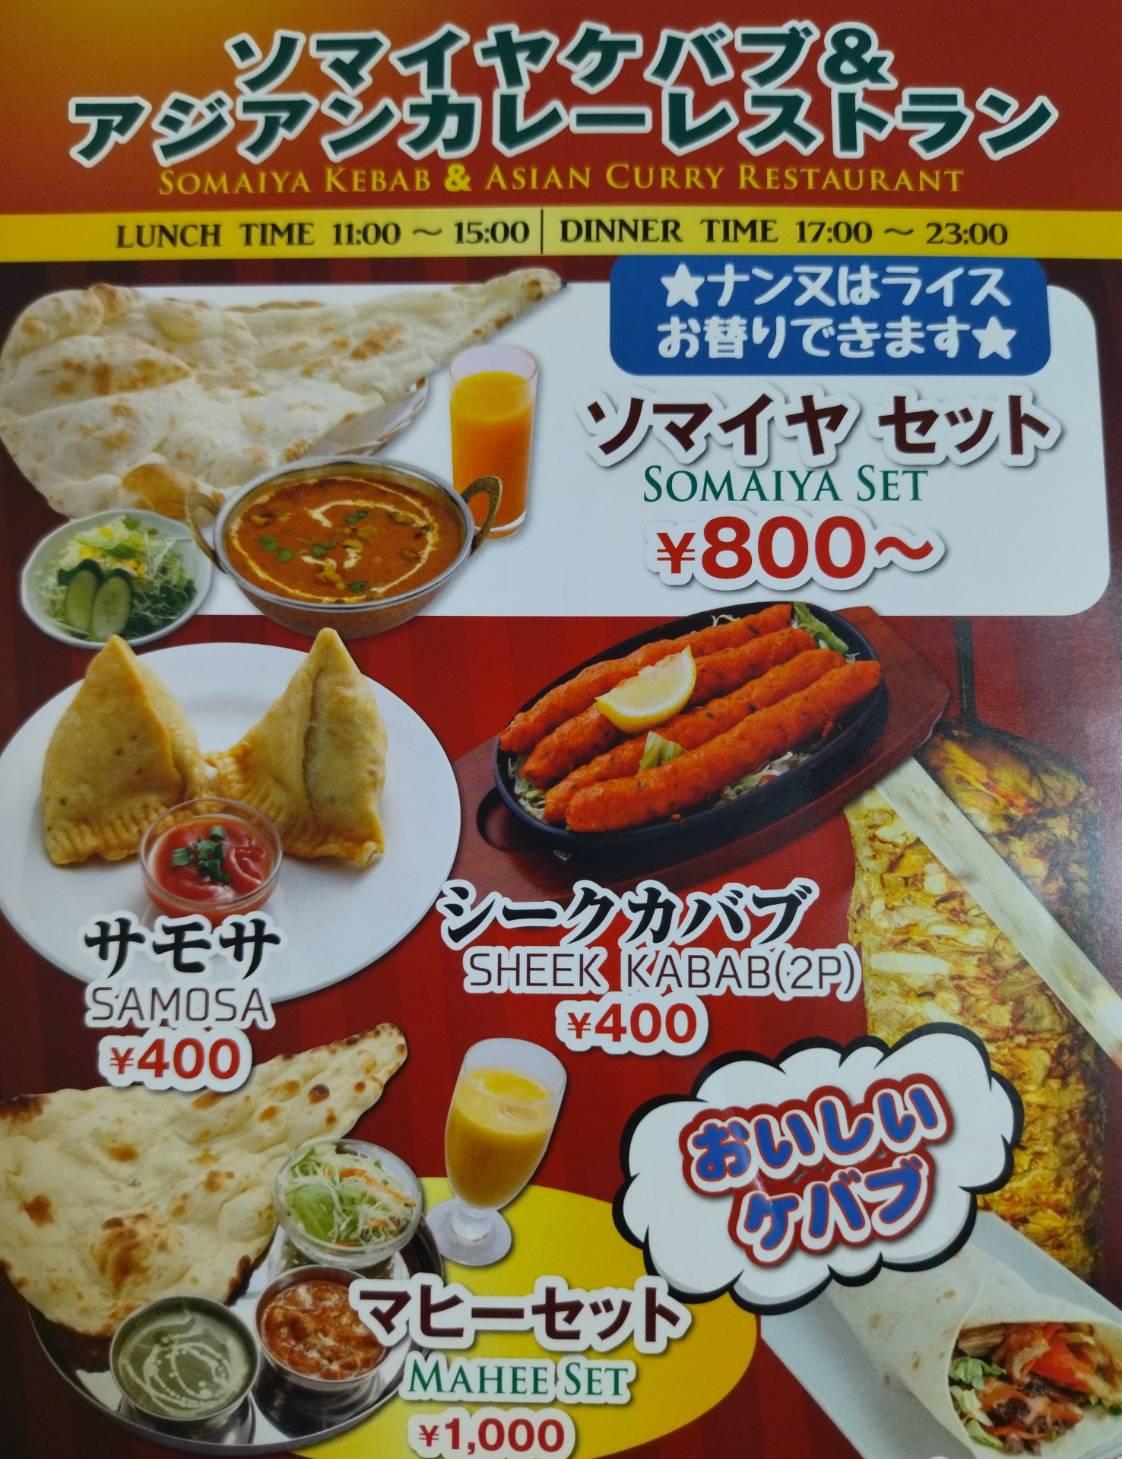 ソマイヤケバブ&アジアンカレー松戸新田メニュー状況